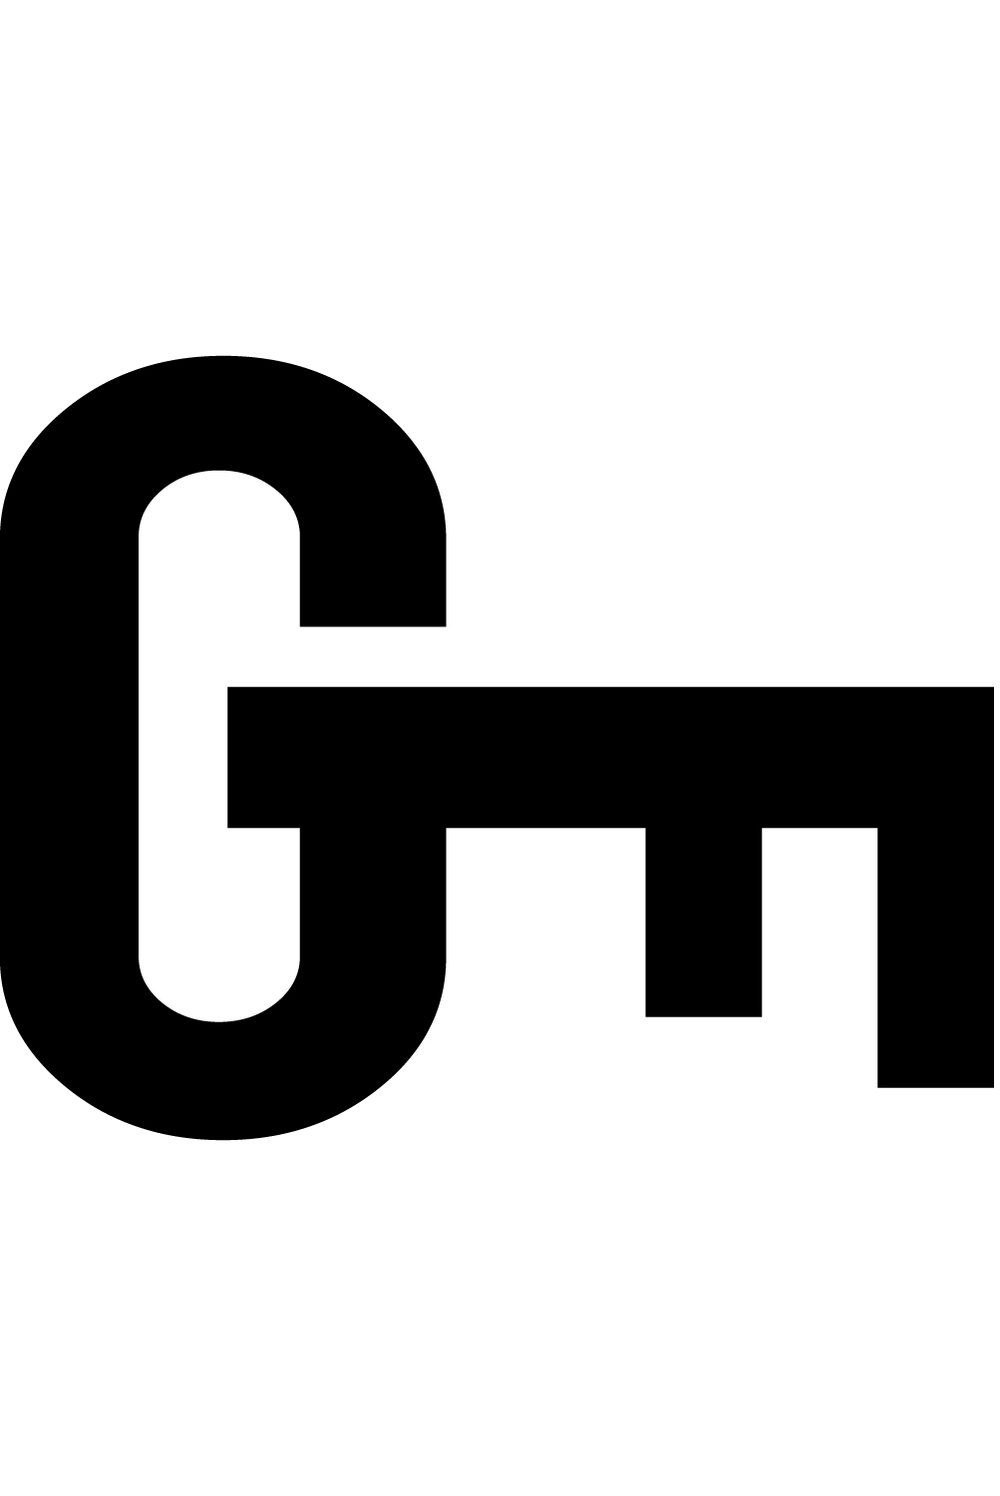 Fuck Giving logo.jpeg